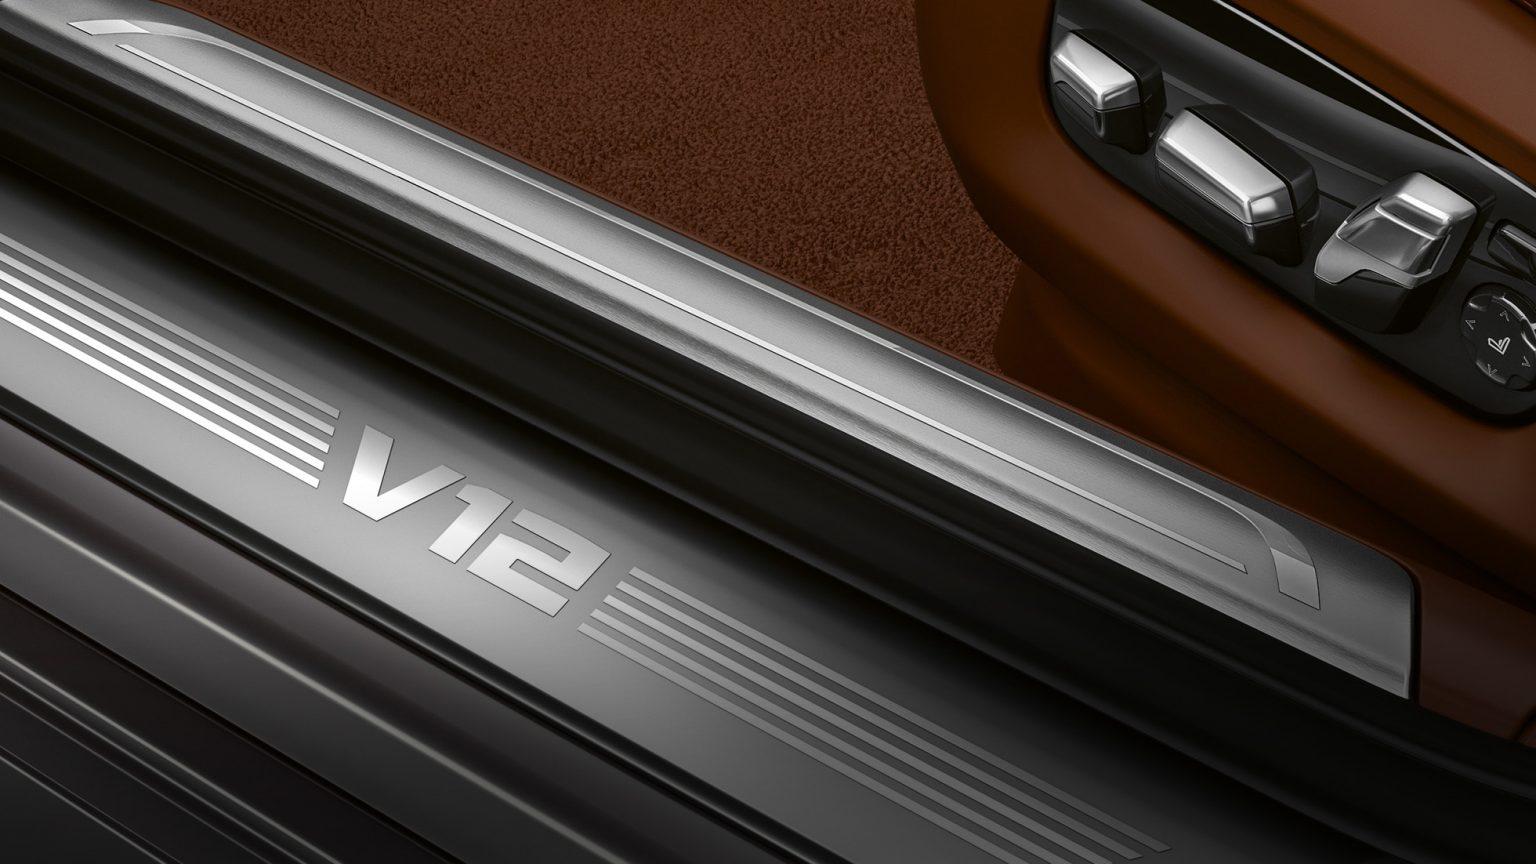 bmw-7series-sedan-inspire-gallery-02-slide-02-desktop